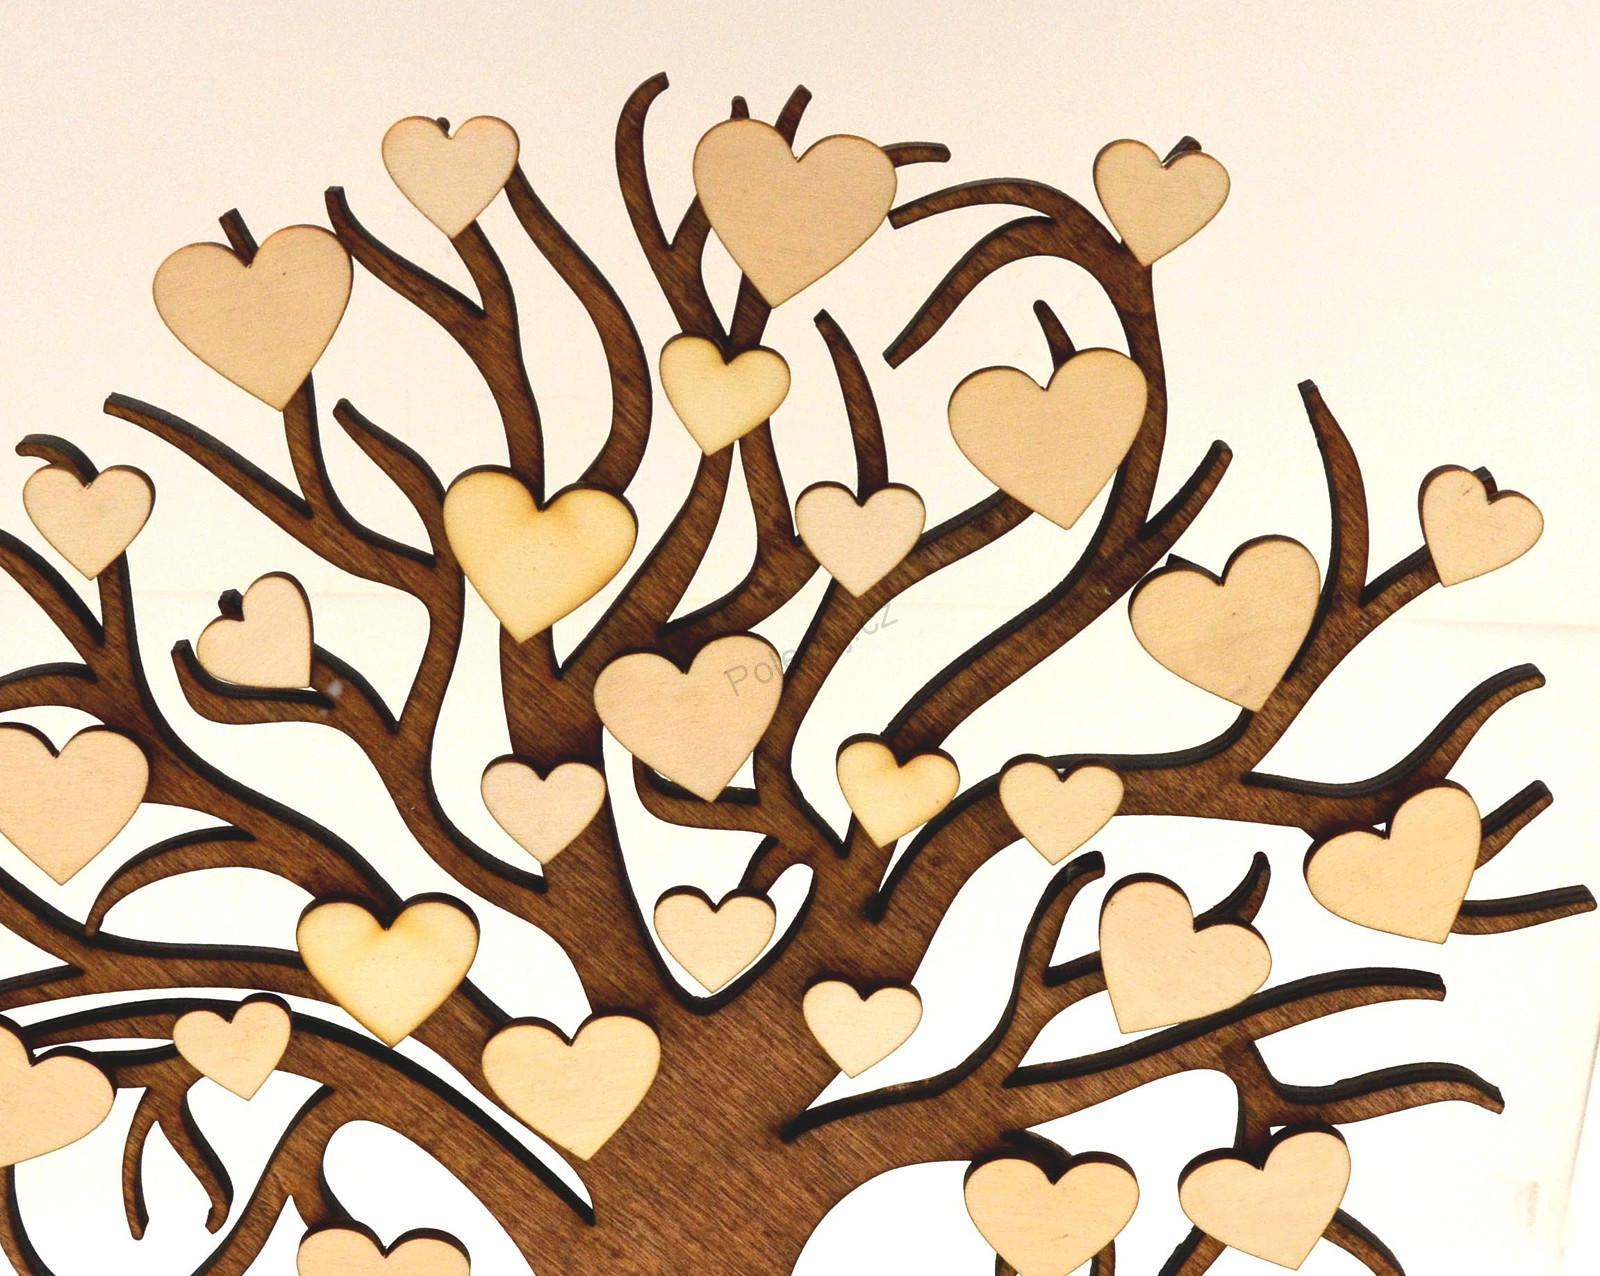 Drevena Srdicka Na Strom Prani 10 25 Ks Svatebni Svatba Dekorace